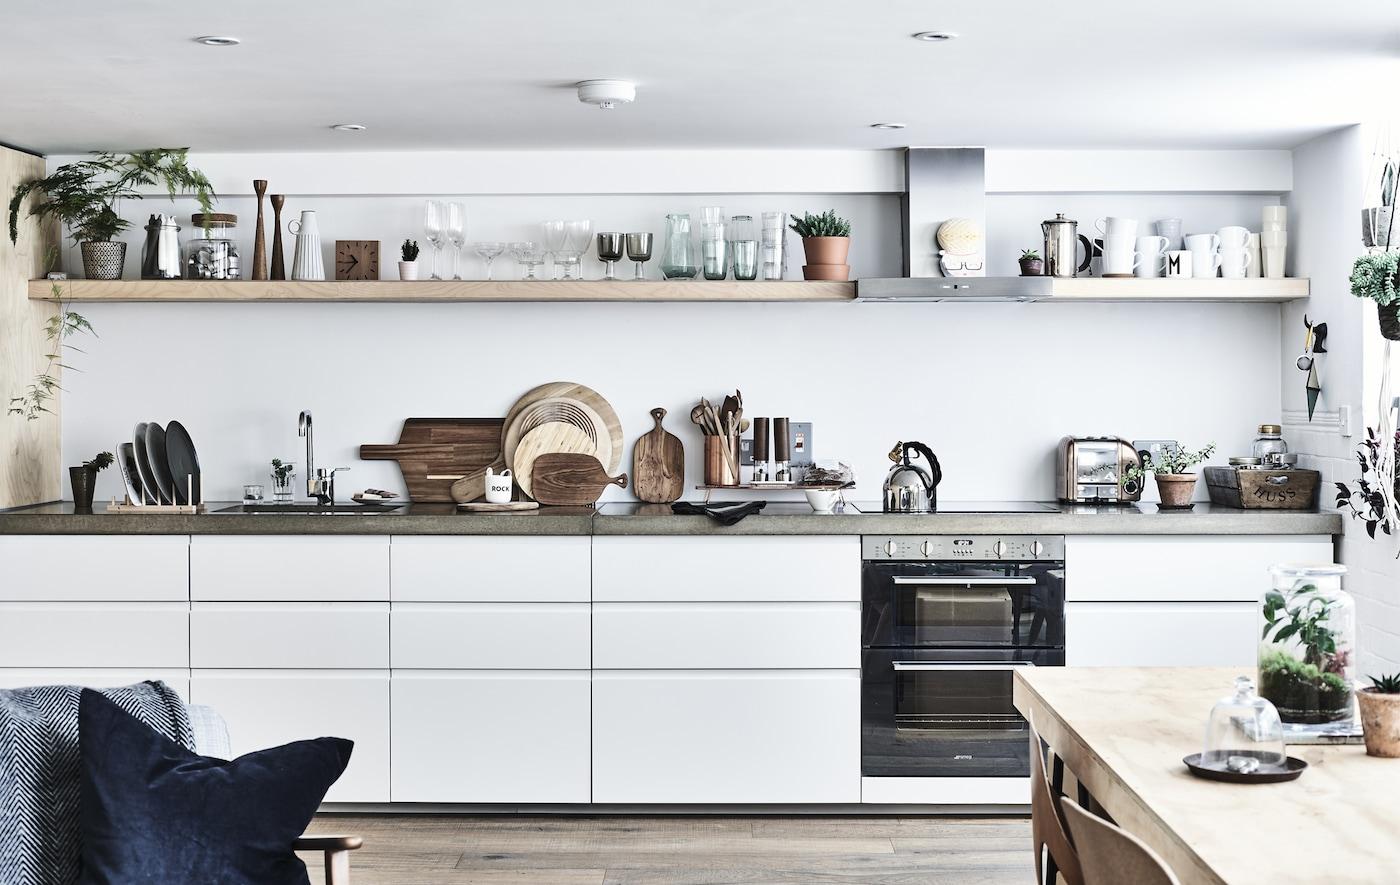 Cocina blanca en línea con encimeras y estantes de hormigón y estantes de almacenaje abierto.